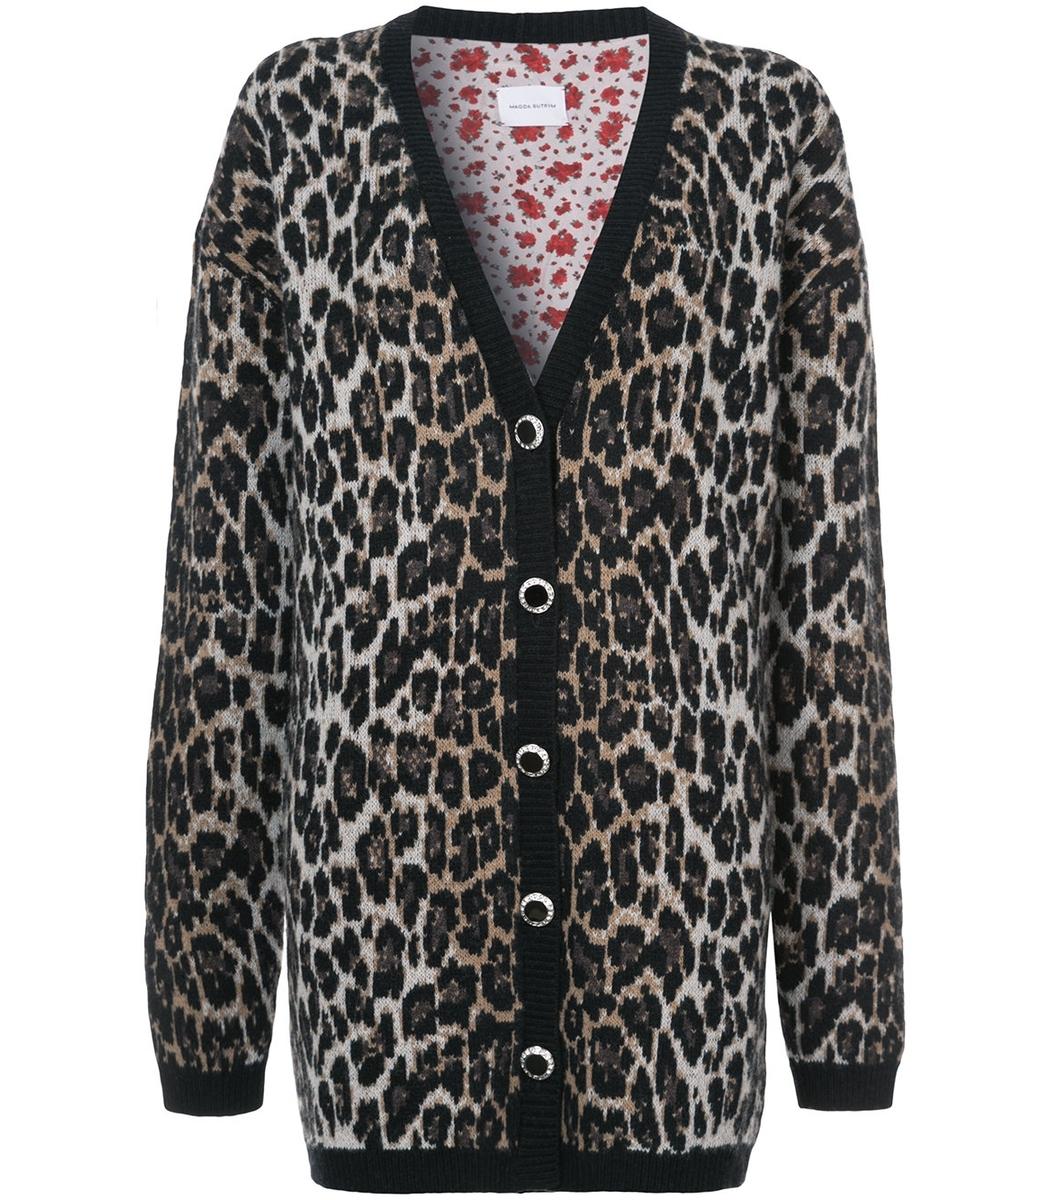 Magda Butrym Print Cardigan - Leopard Print Wool Cardigan